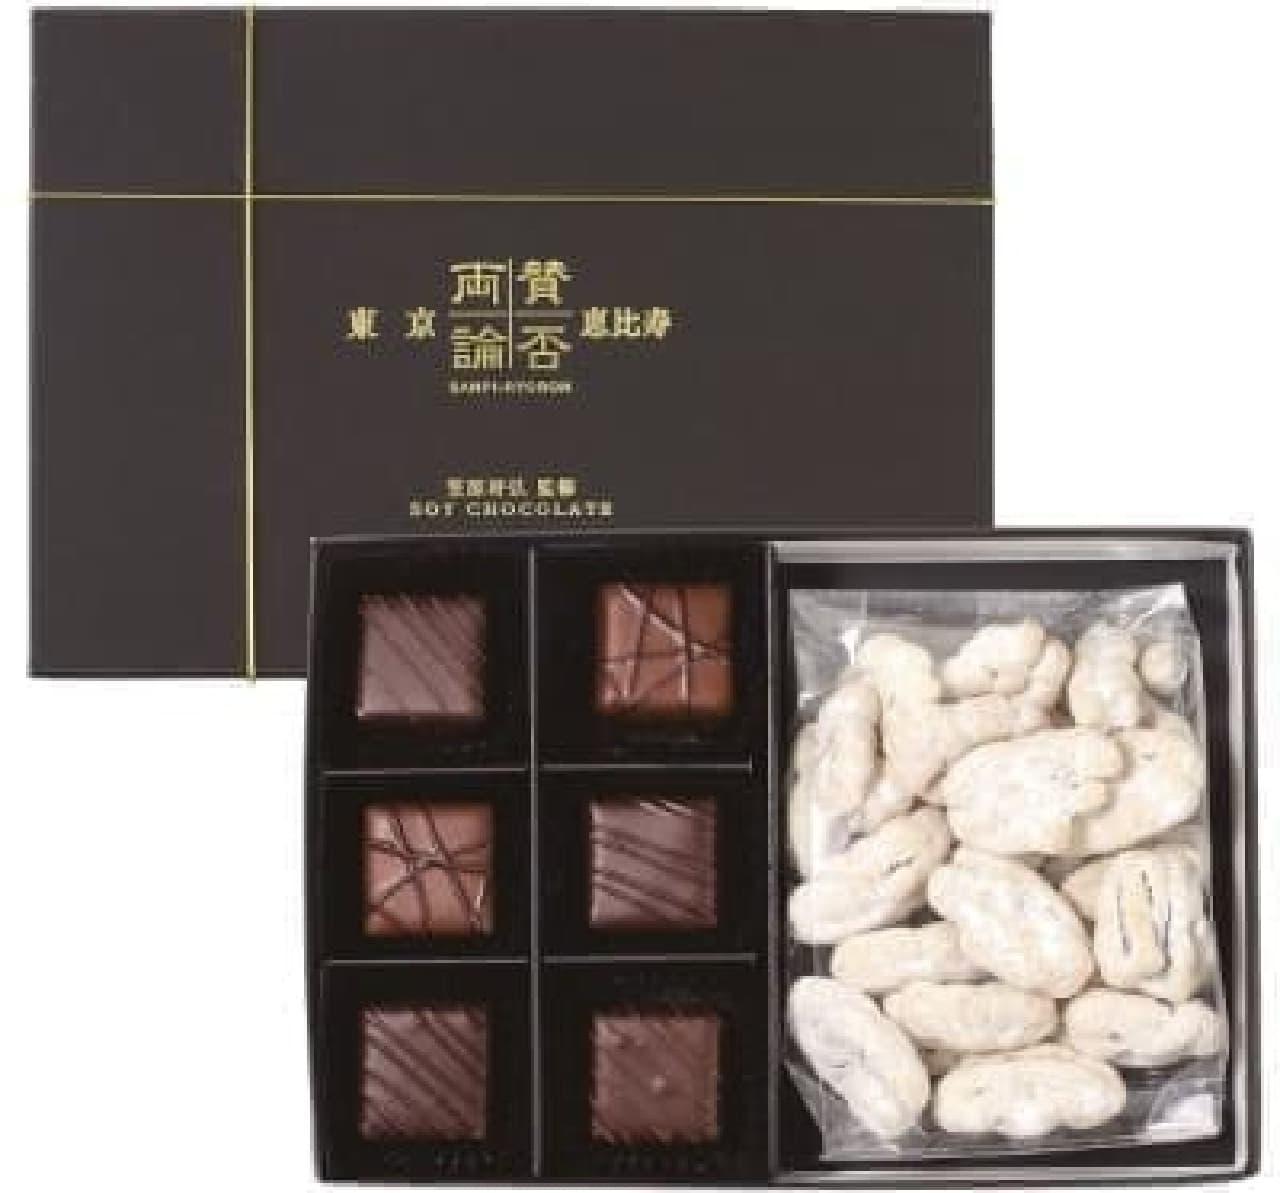 賛否両論チョコレート、ぜひ試してみては?